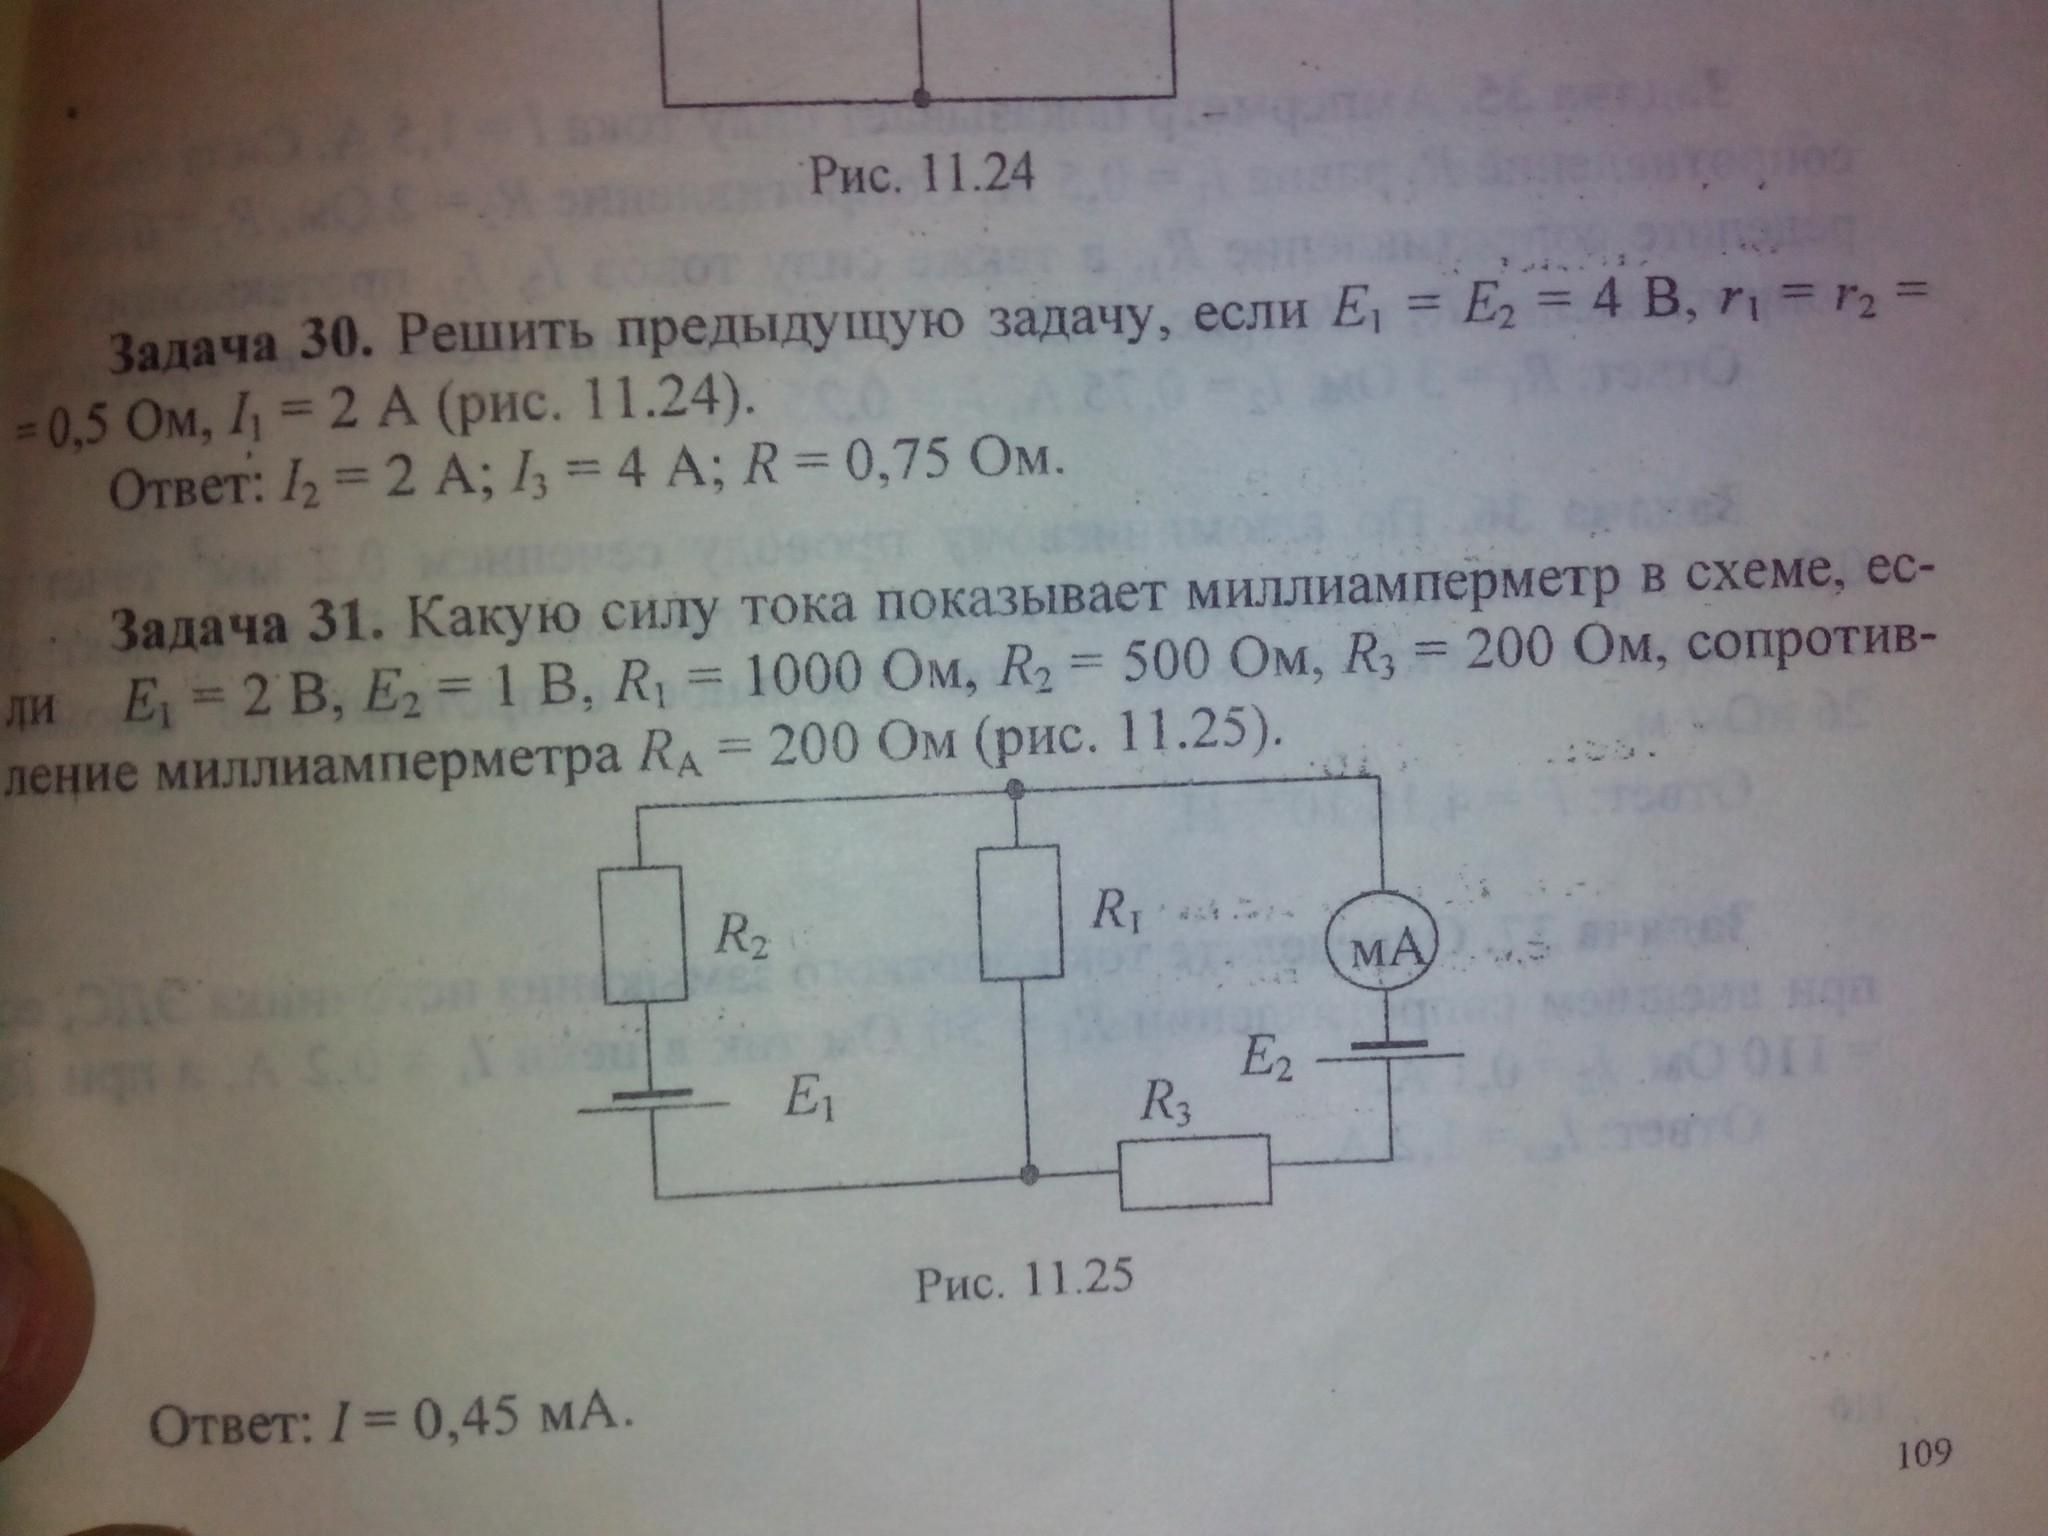 Идеальный амперметр в цепи схема которой приведена на рисунке